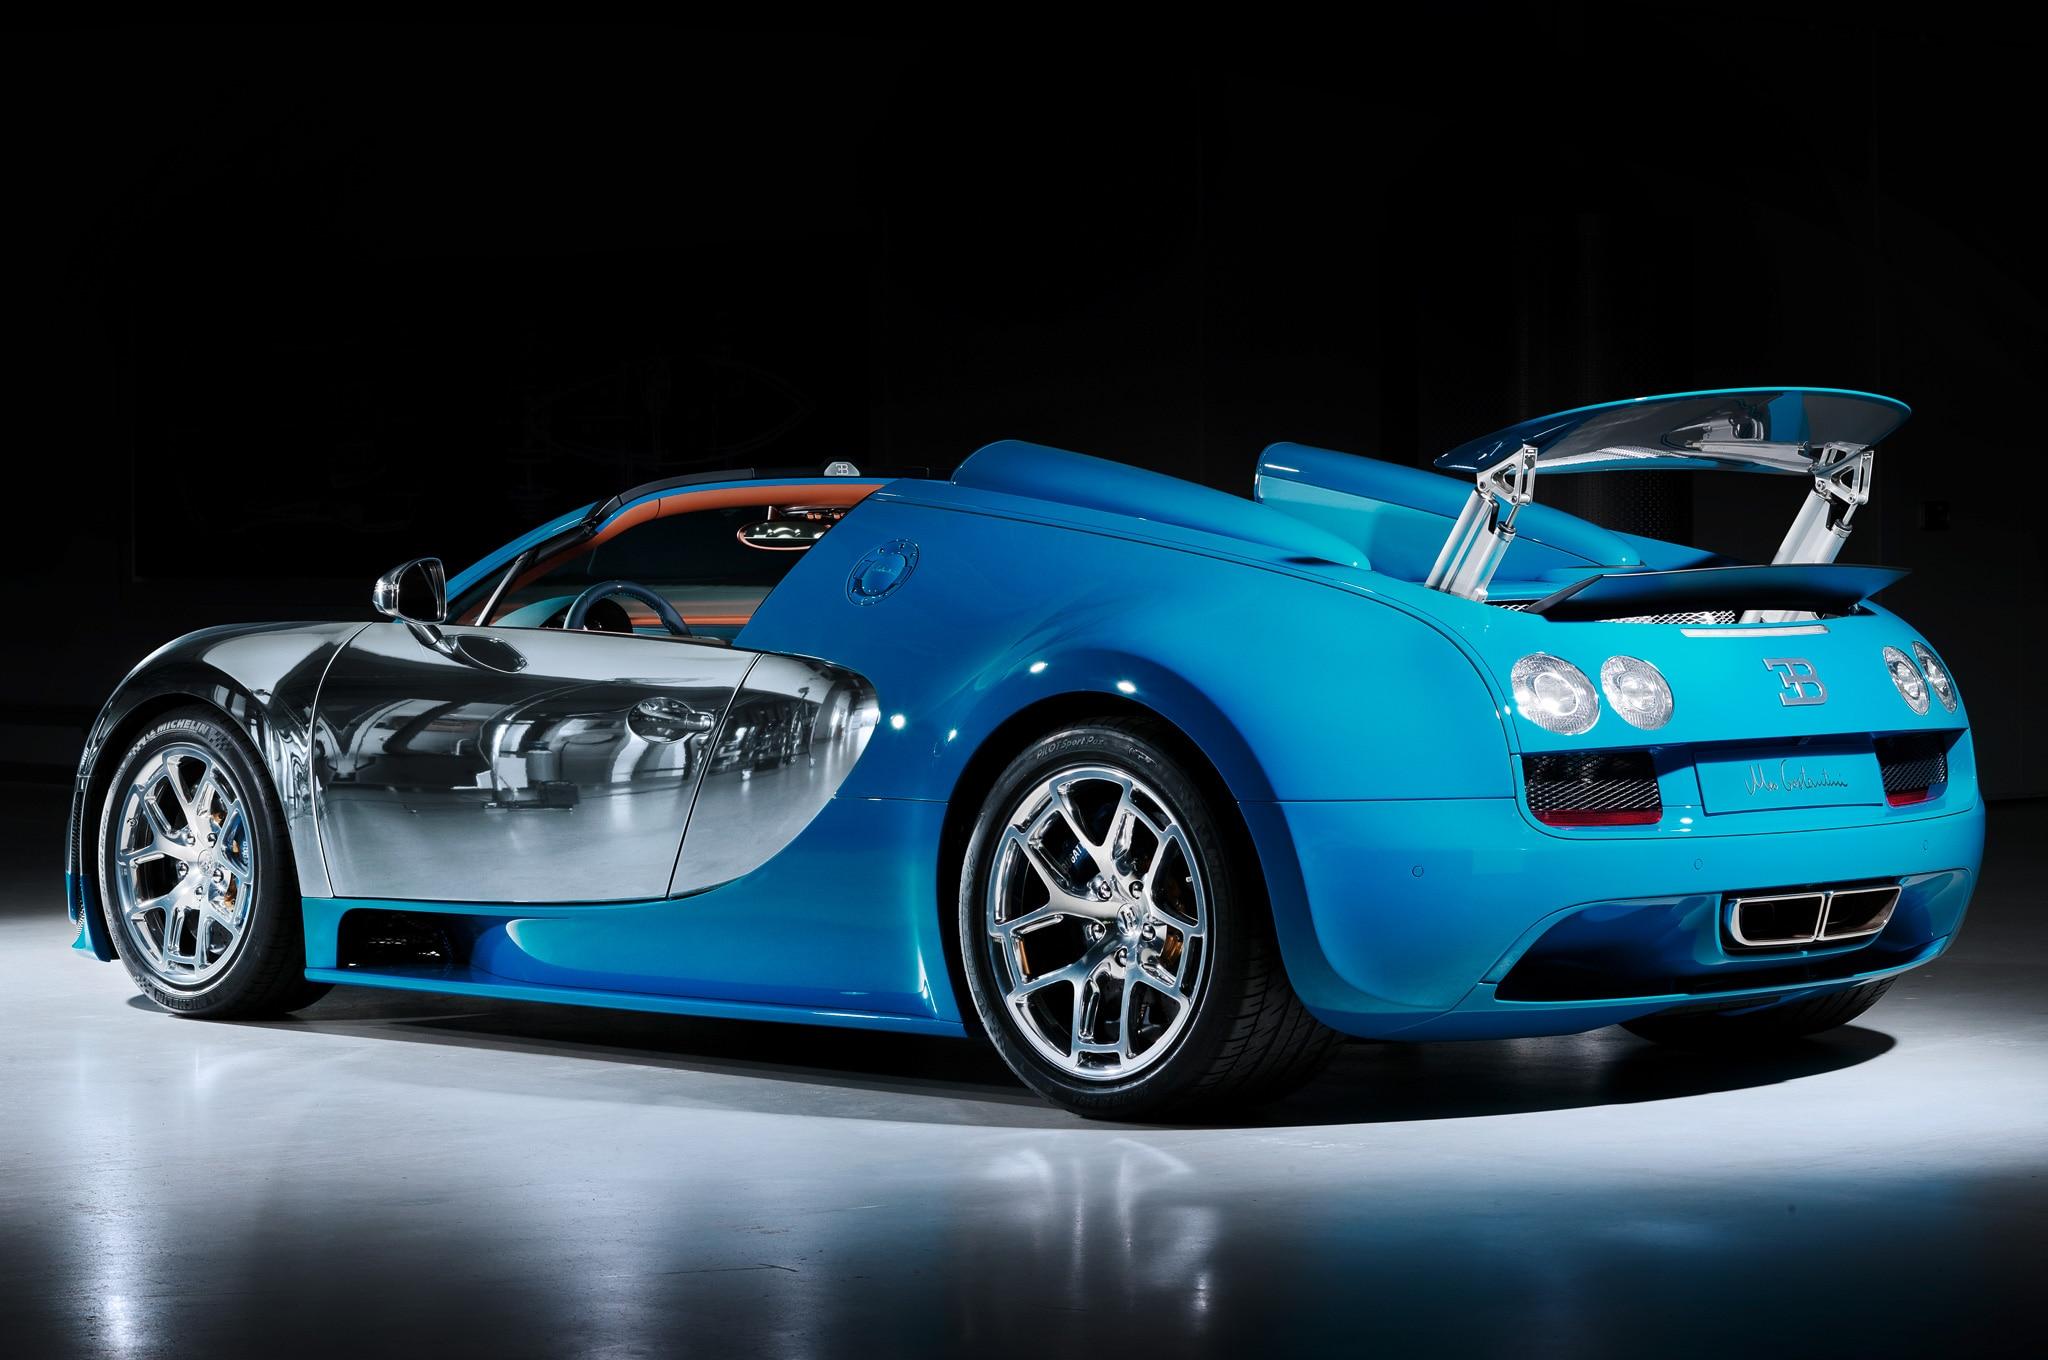 New Bugatti Veyron Meo Costantini Edition Debuts In Dubai